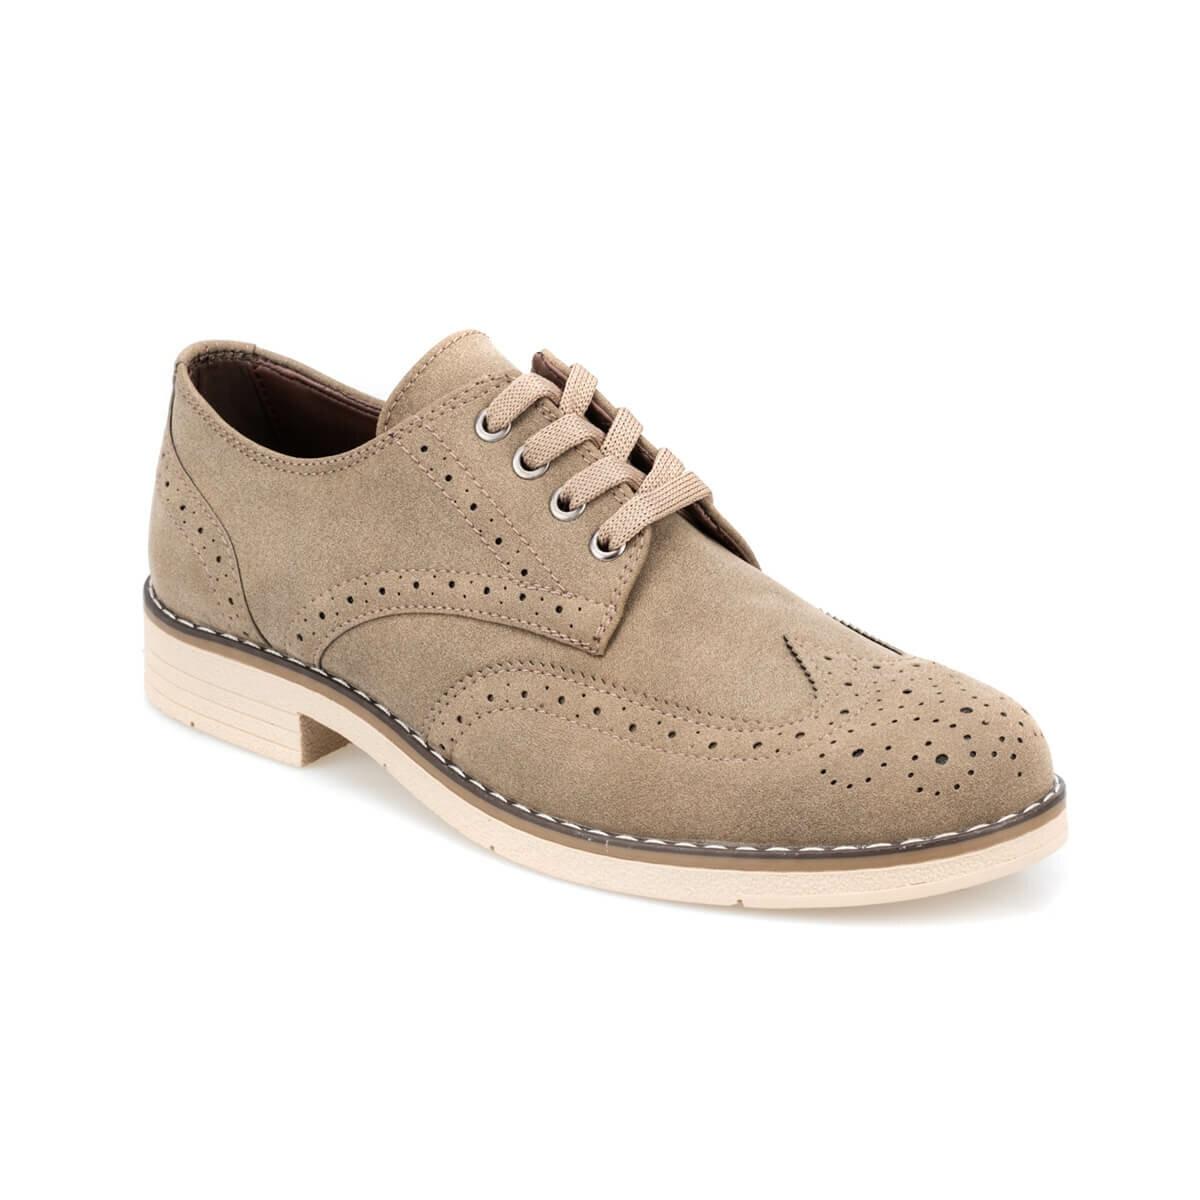 FLO Men Casual Shoes Mens Leather Men Shoes Men Fashion Flats Men's Sneakers Brand Fashion Zapatos De Hombre Мужская обувь 91.356033.M Polaris